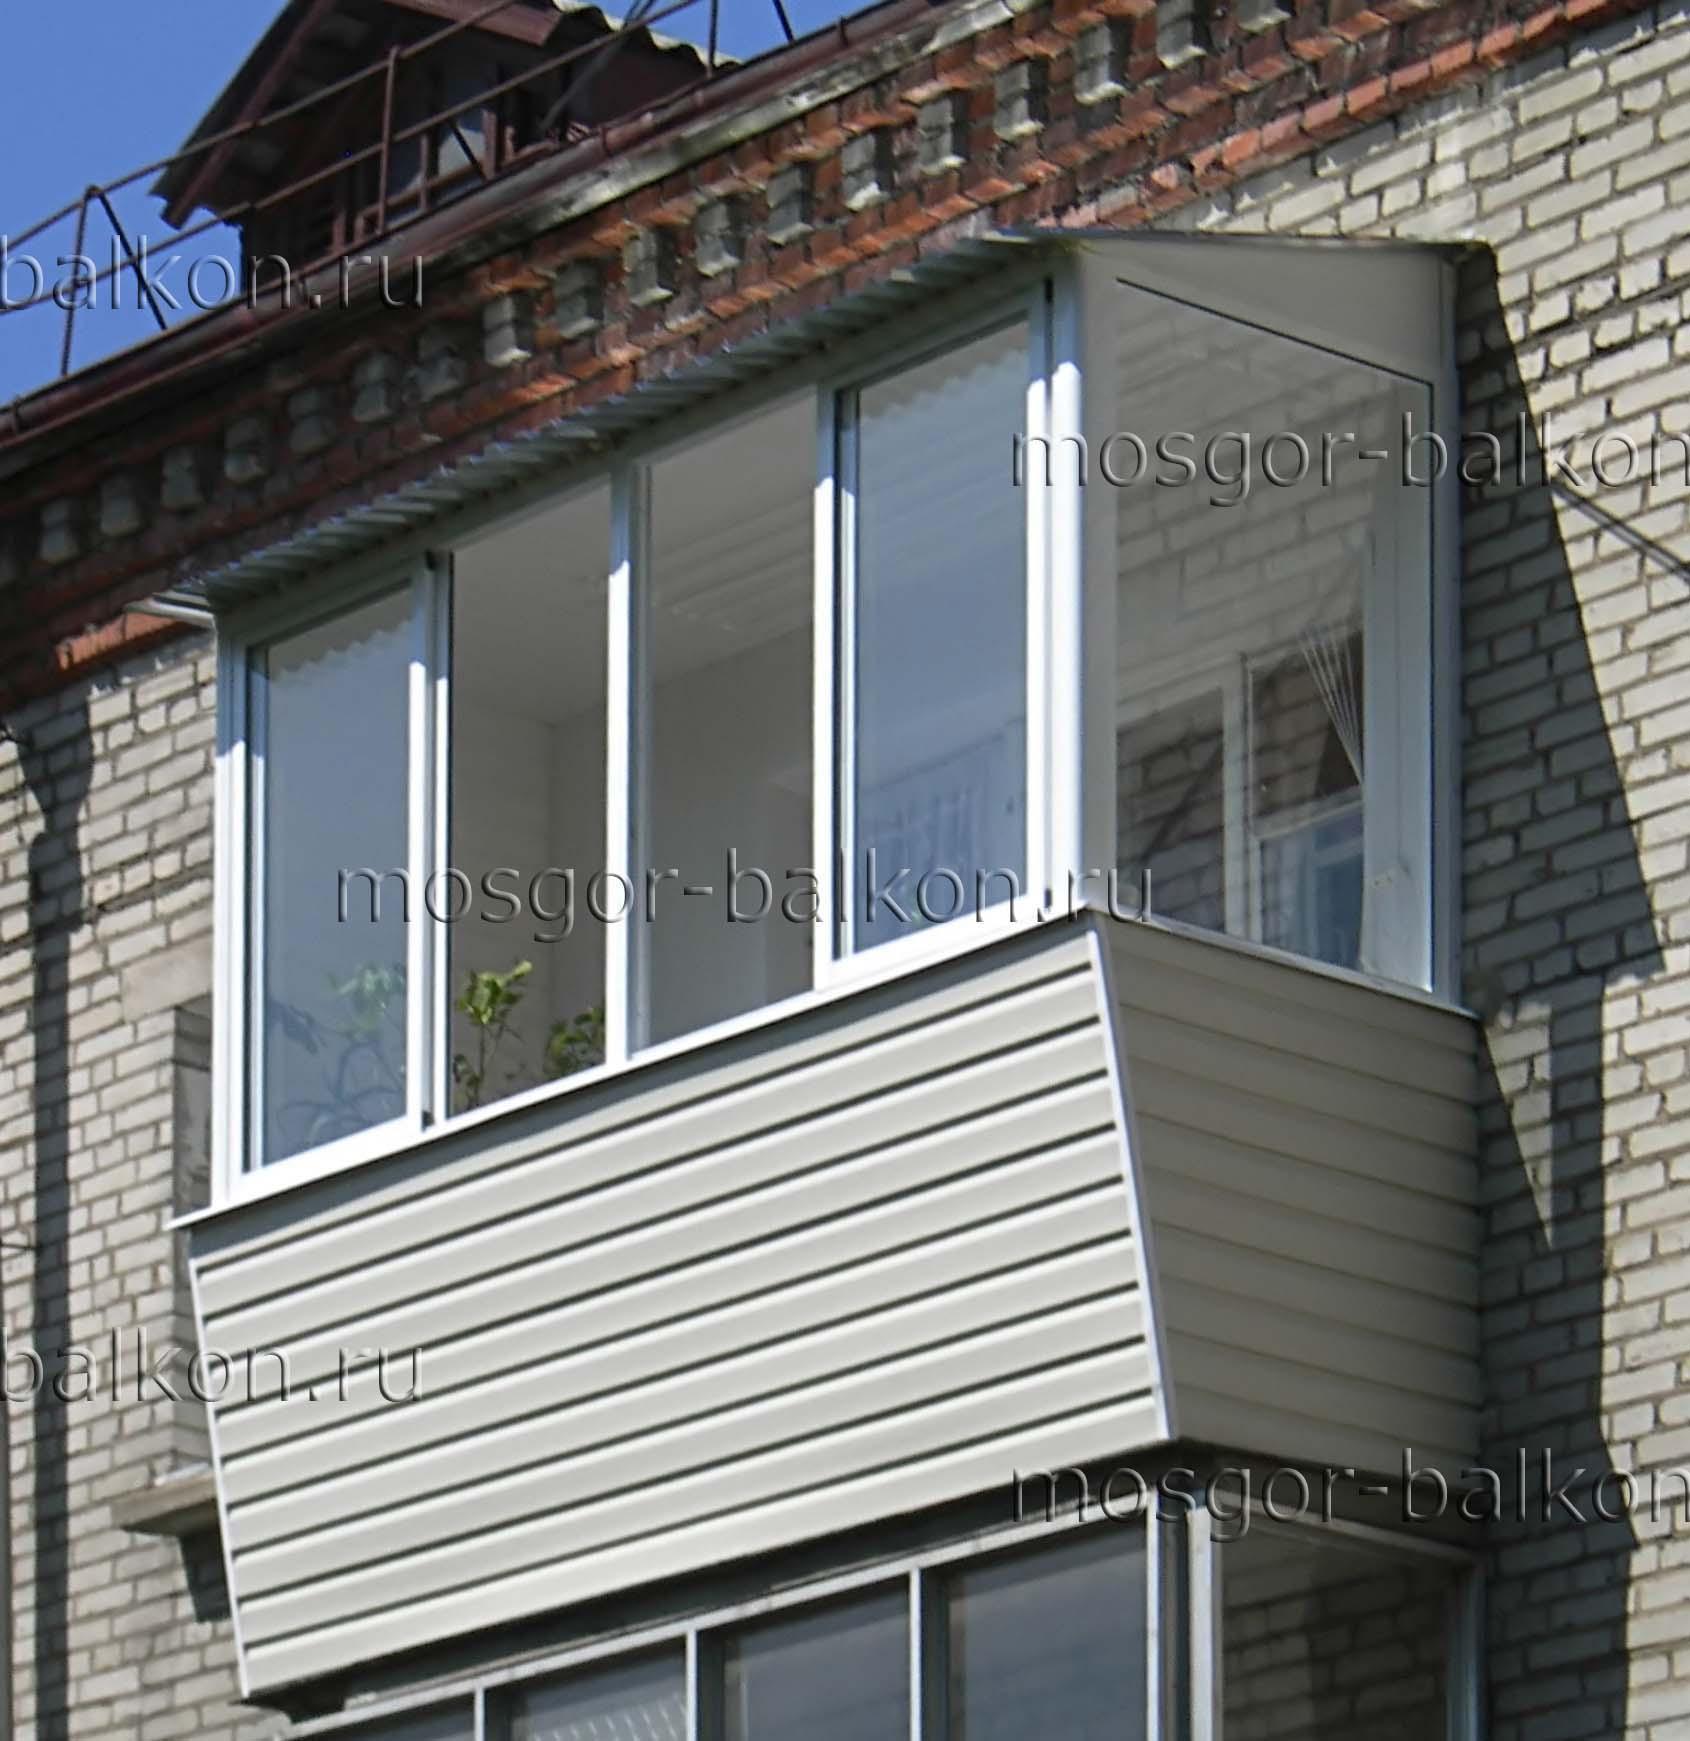 Застеклить балкон, пермь - teron.ru - страница 32.